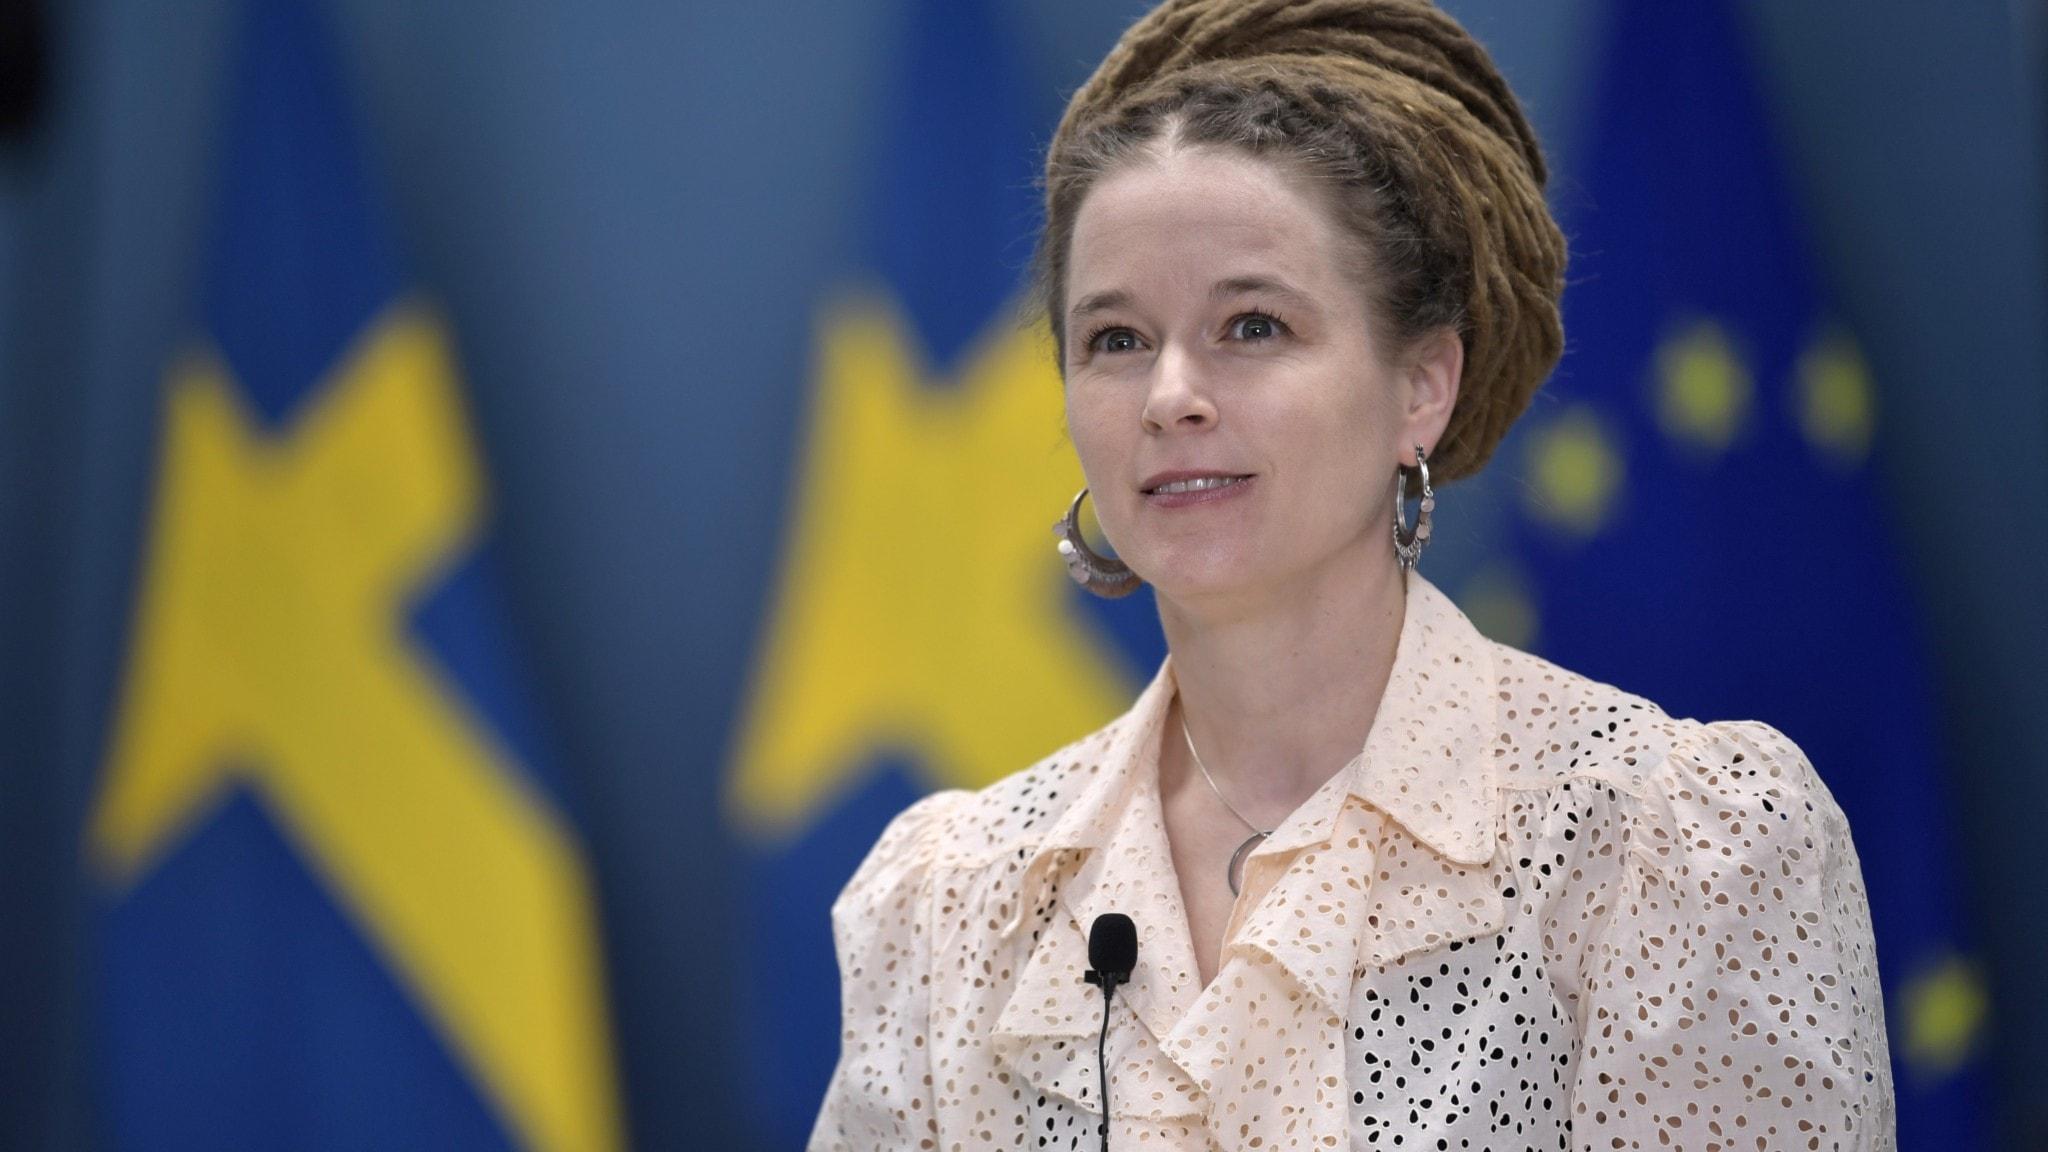 Porträtt av kulturminister Amanda Lind (MP) klädd i ljusrosa blus framför två svenska flaggor och en EU-flagga.